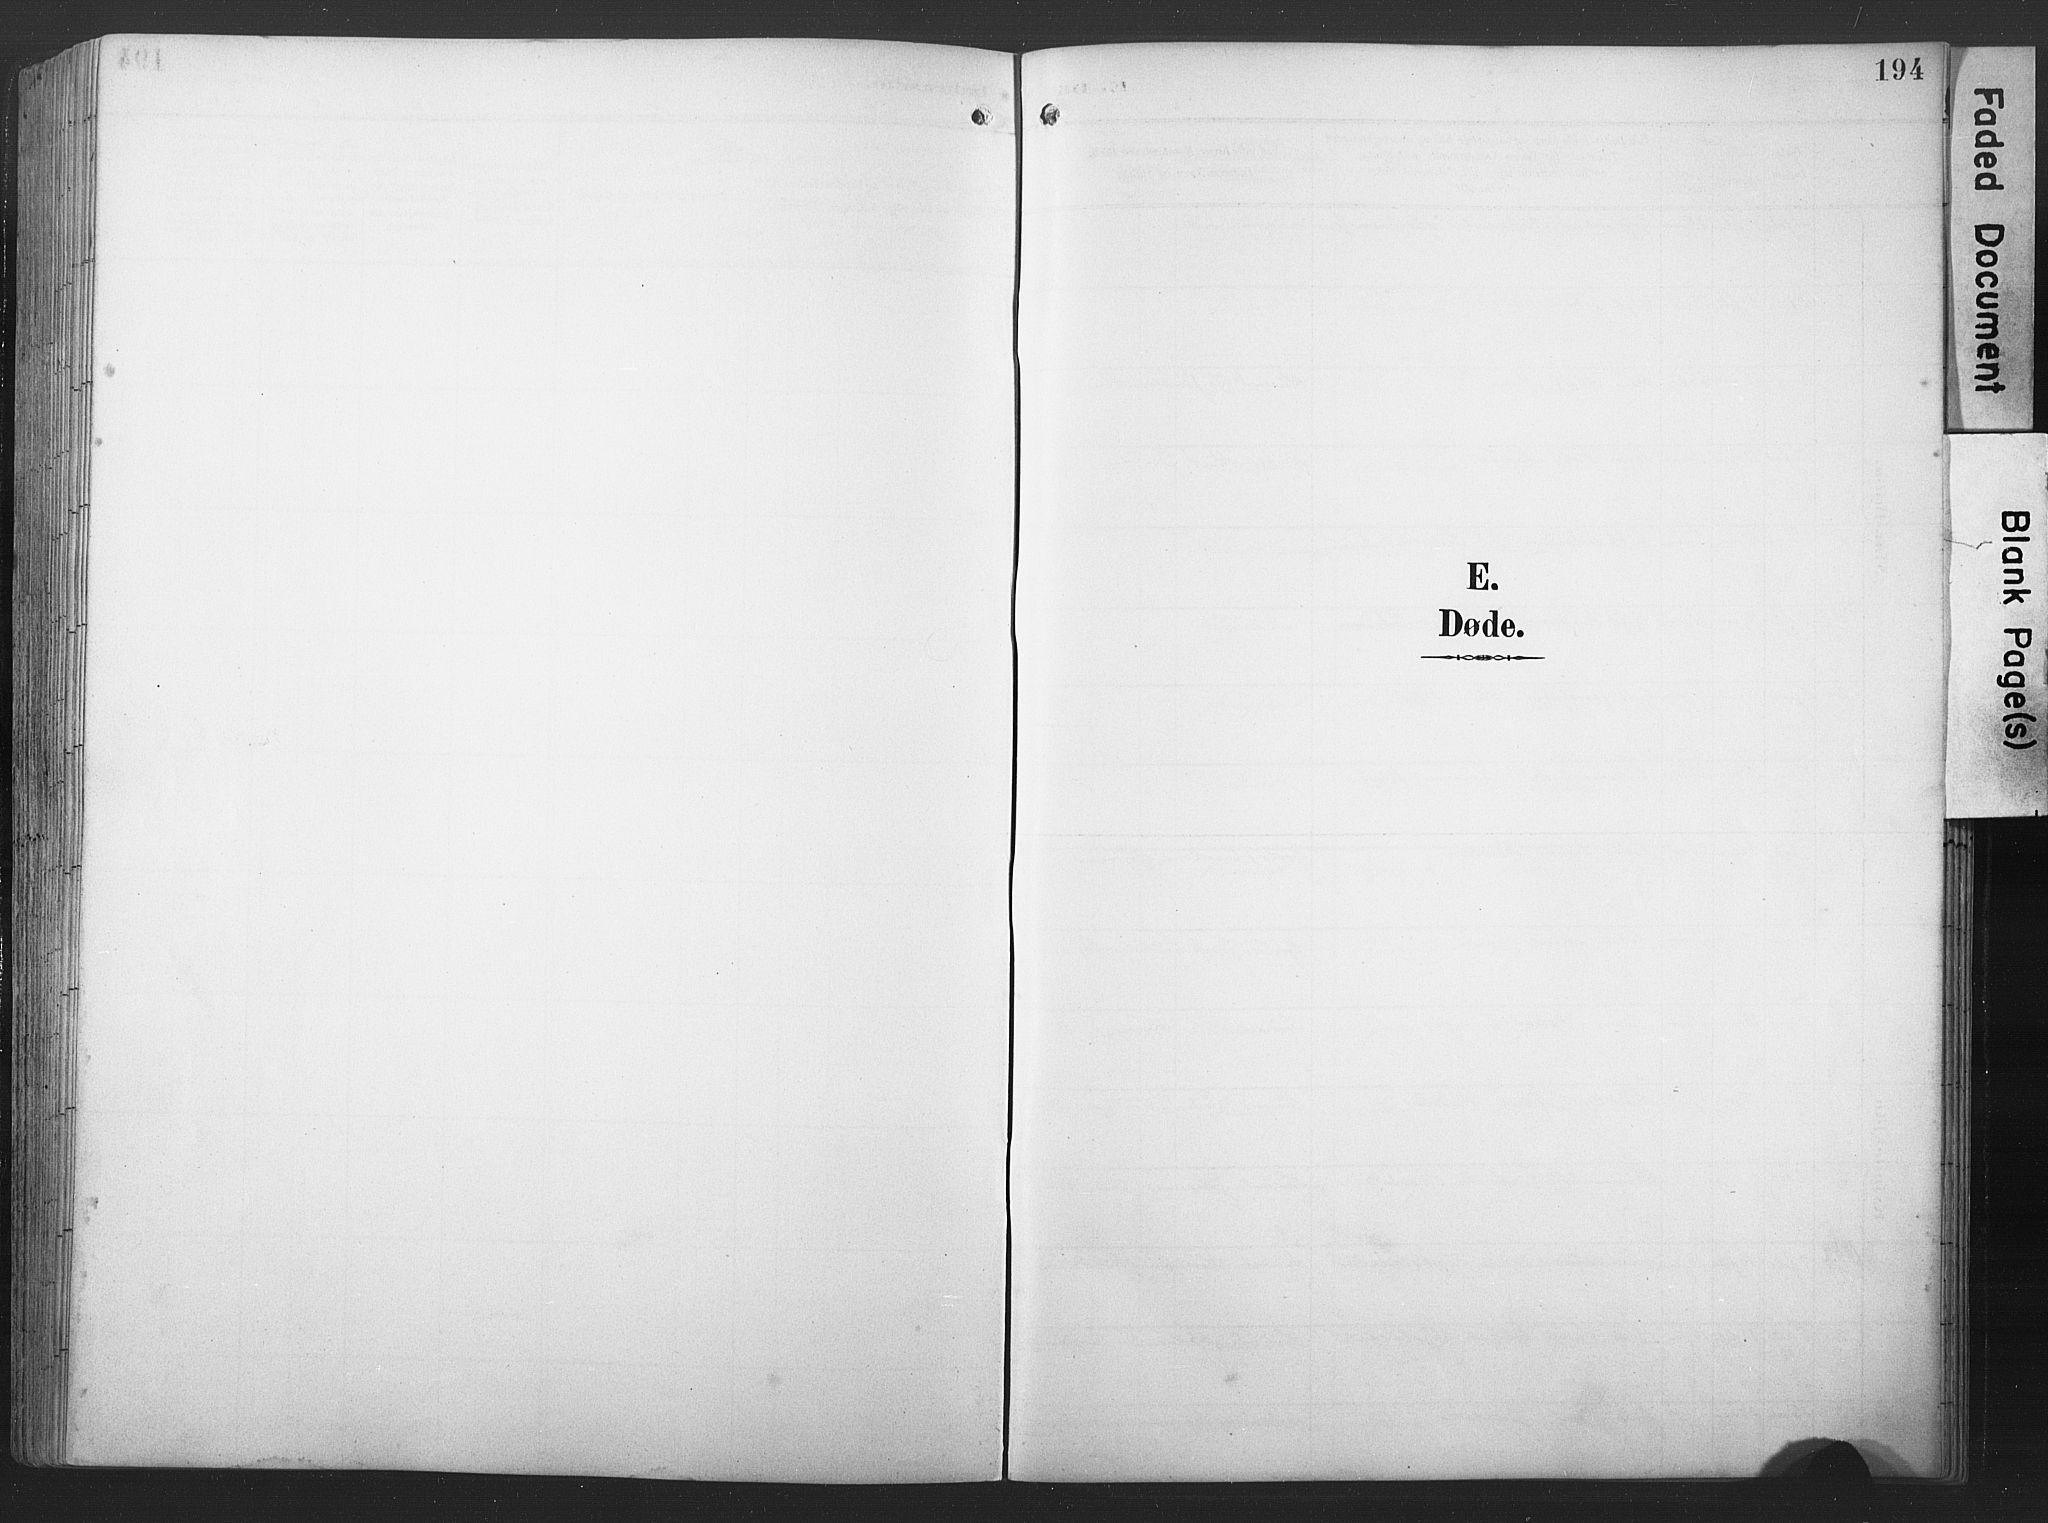 SAT, Ministerialprotokoller, klokkerbøker og fødselsregistre - Nord-Trøndelag, 789/L0706: Klokkerbok nr. 789C01, 1888-1931, s. 194